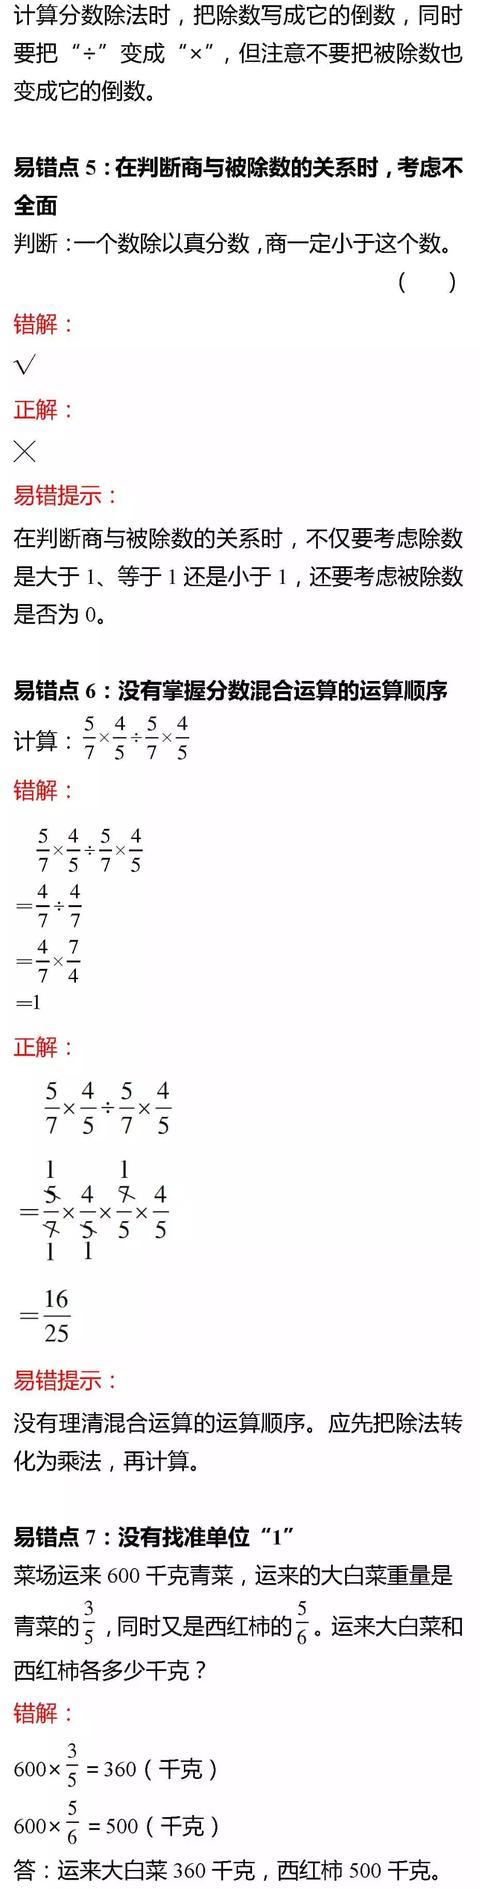 小学数学六年级各单元易错知识点解析